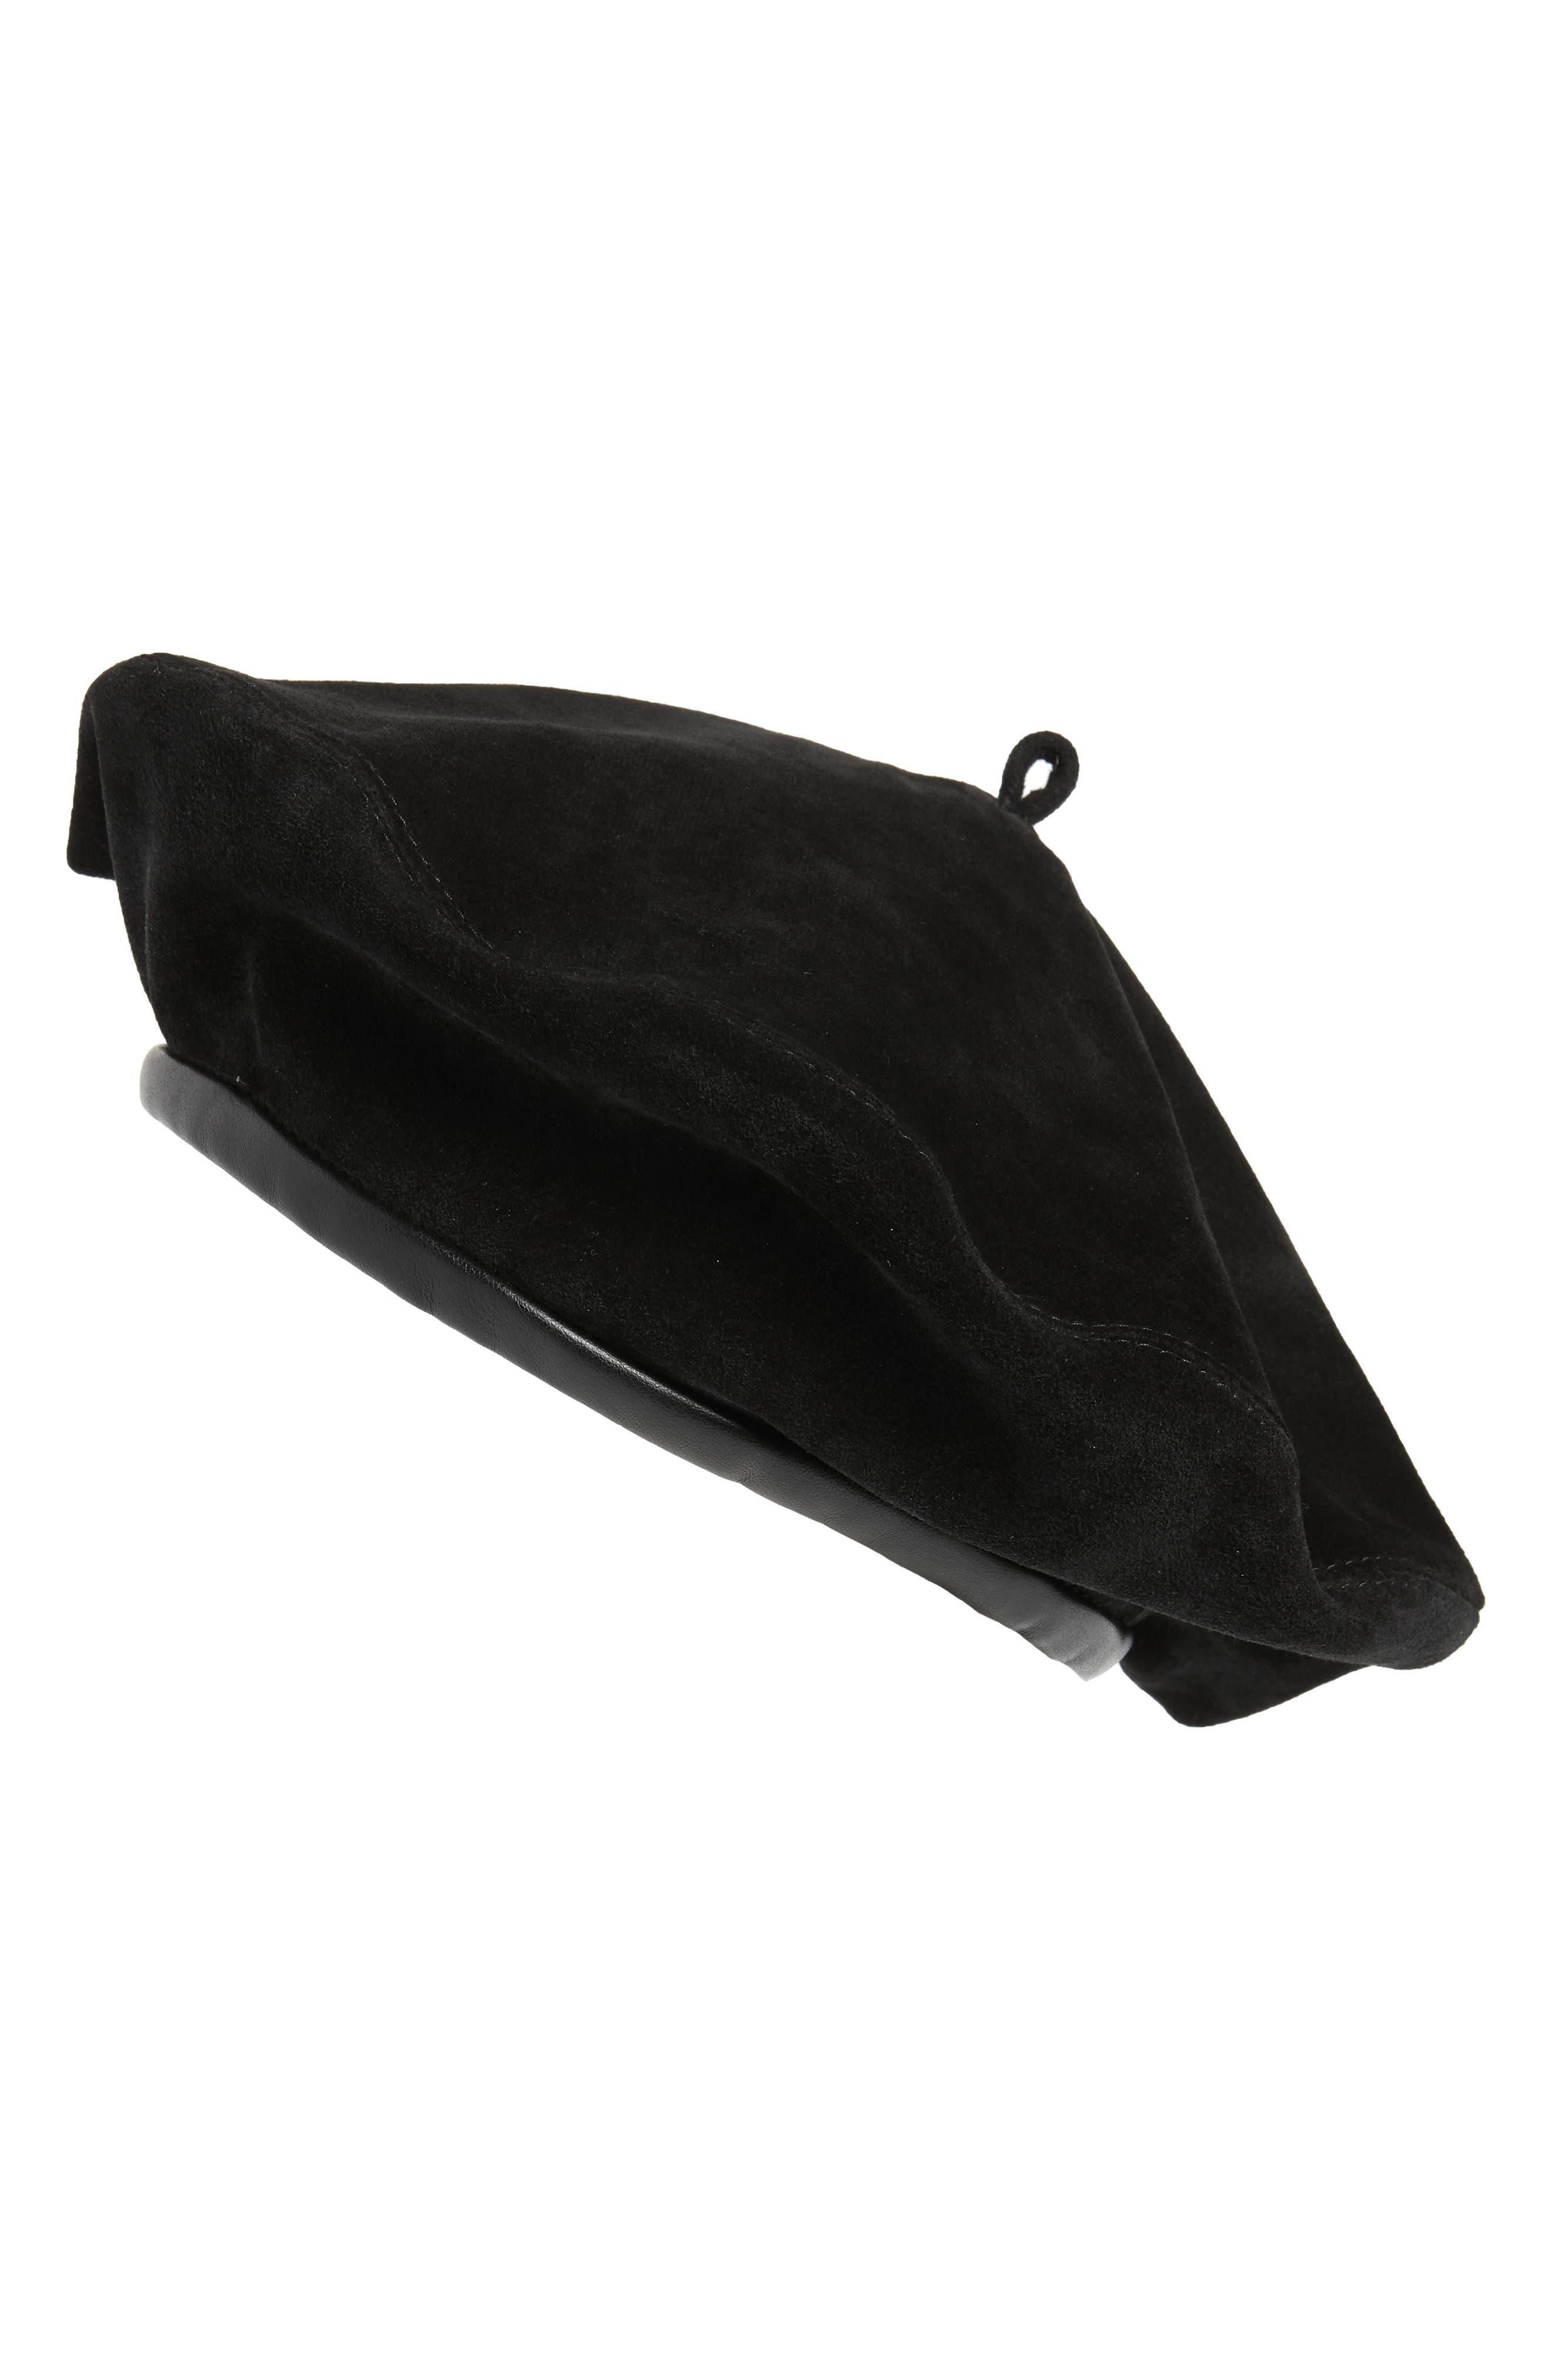 Kate Suede Adjustable Beret Hat in Black